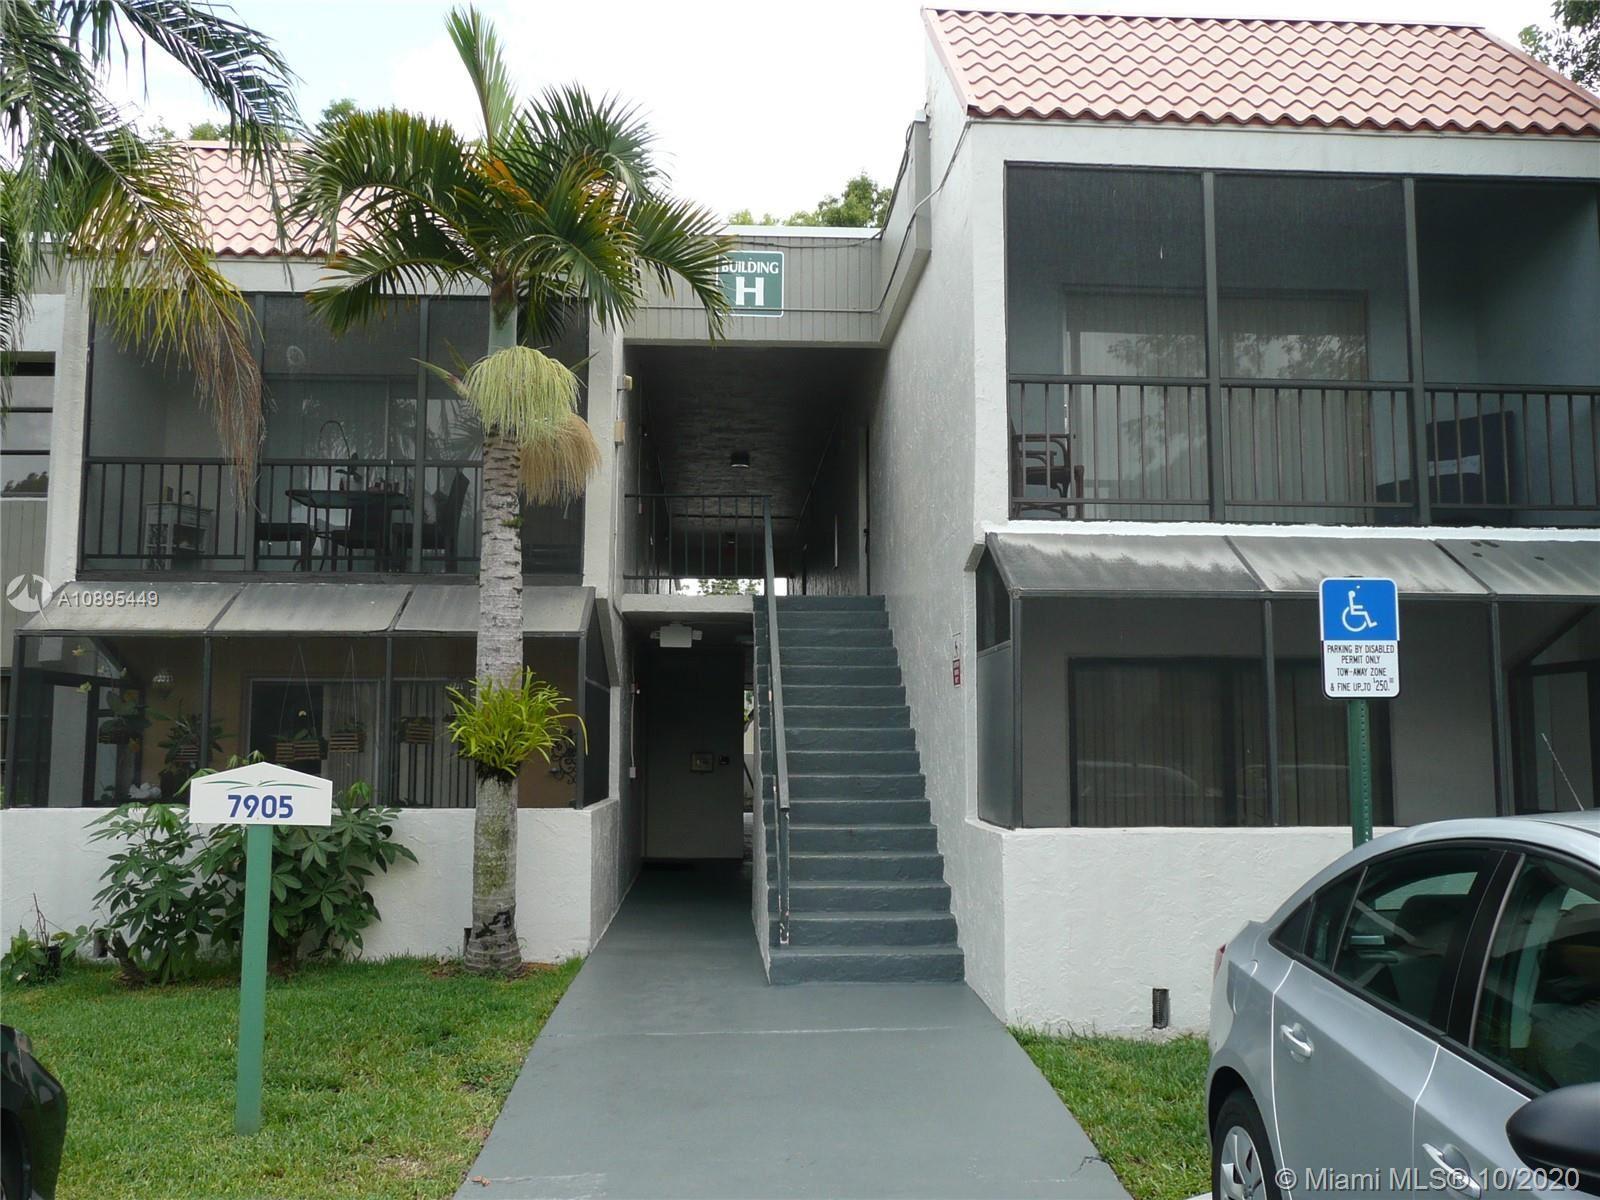 7905 SW 104th St #206H, Miami, FL 33156 - #: A10895449